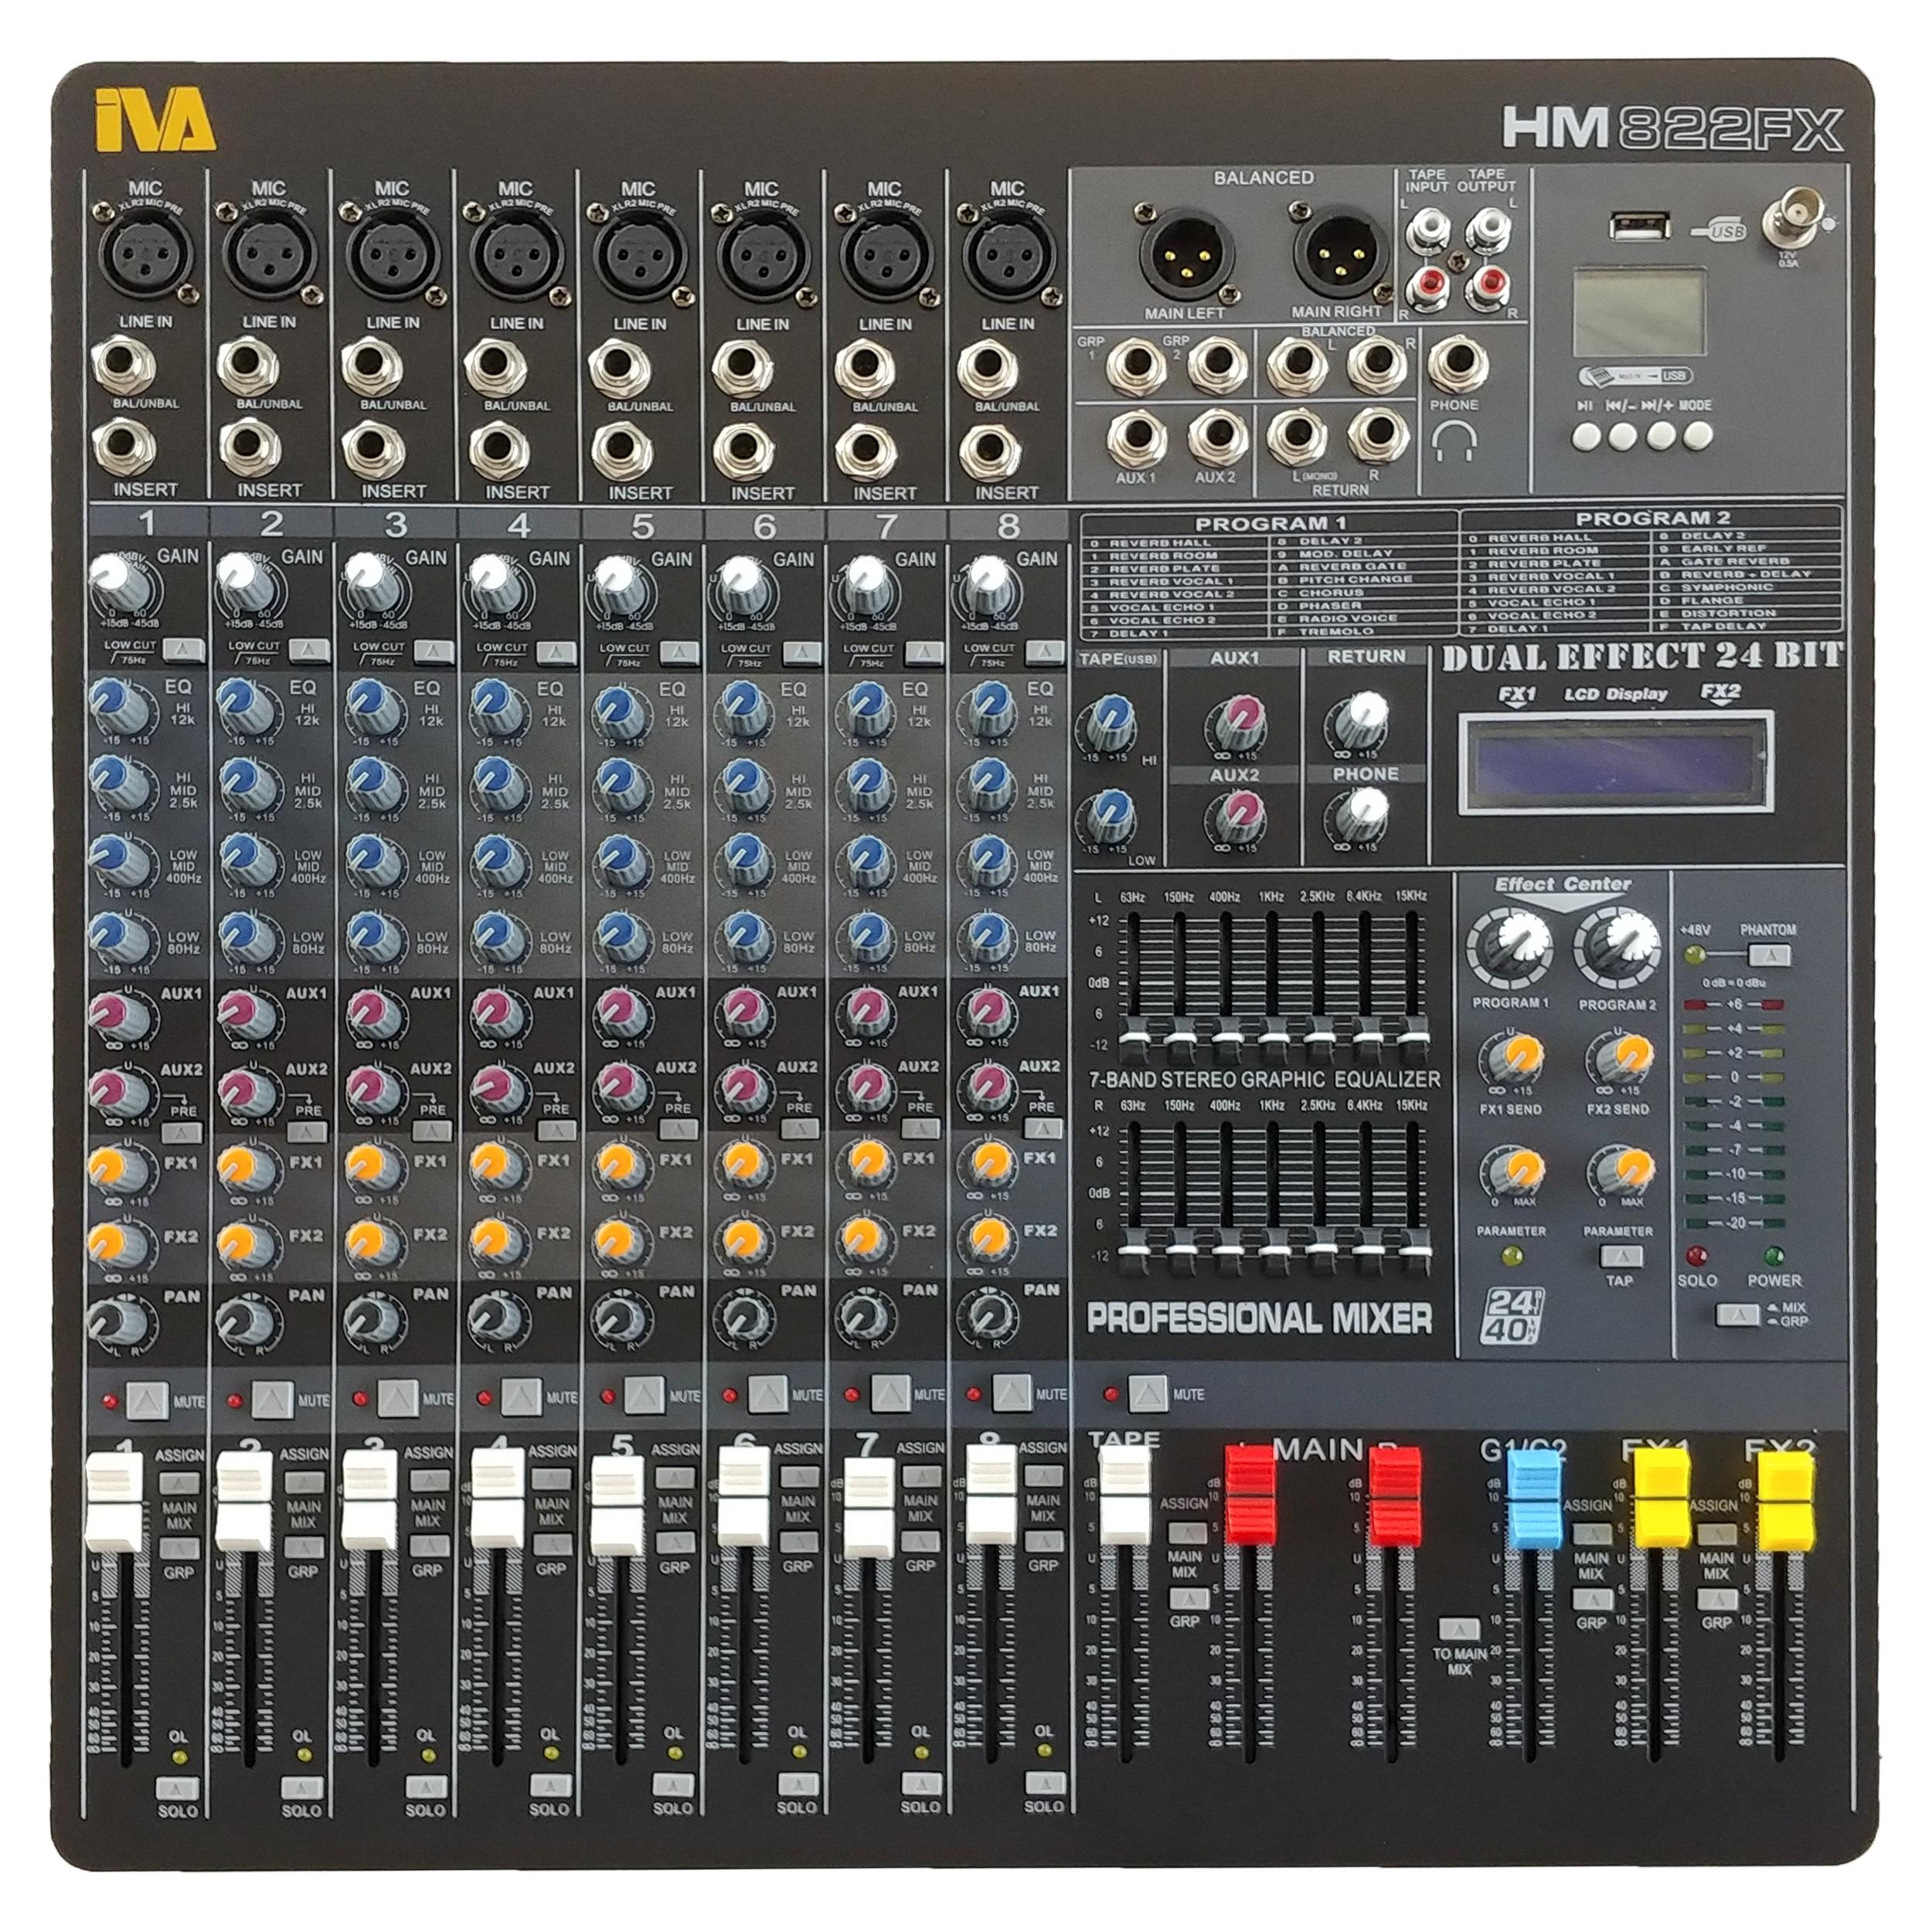 HM-822FX (8 Channel Mixer)